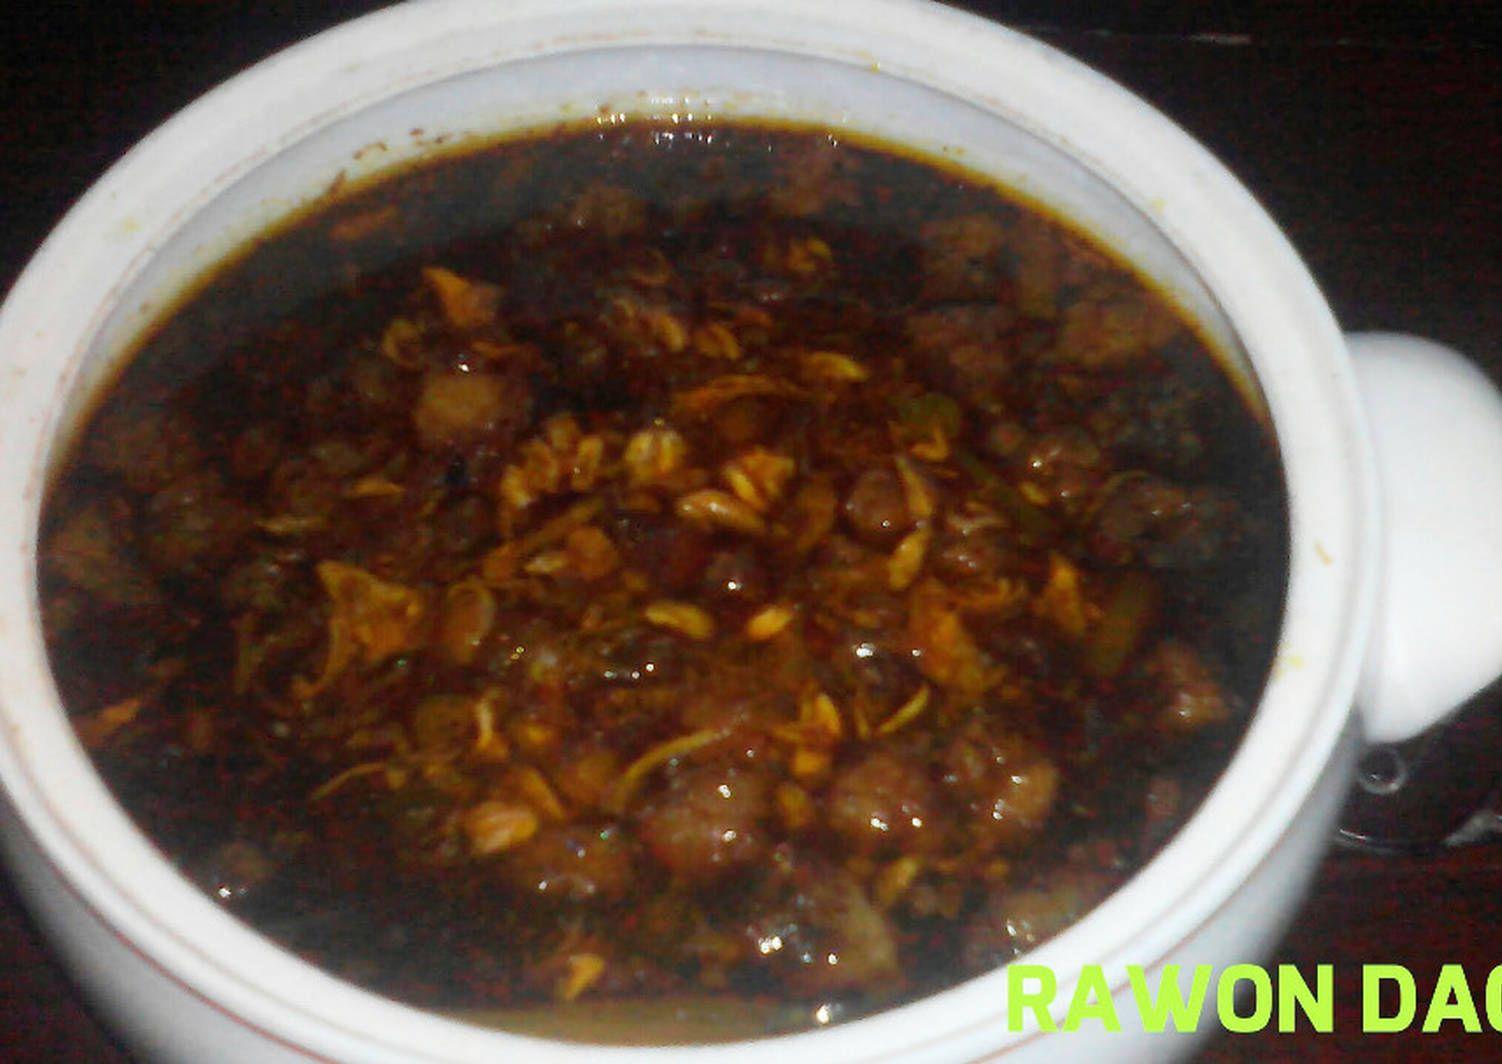 Resep Resep Cara Memasak Rawon Daging Sapi Surabaya Enak Oleh Ramaditia17 Resep Daging Sapi Cara Memasak Resep